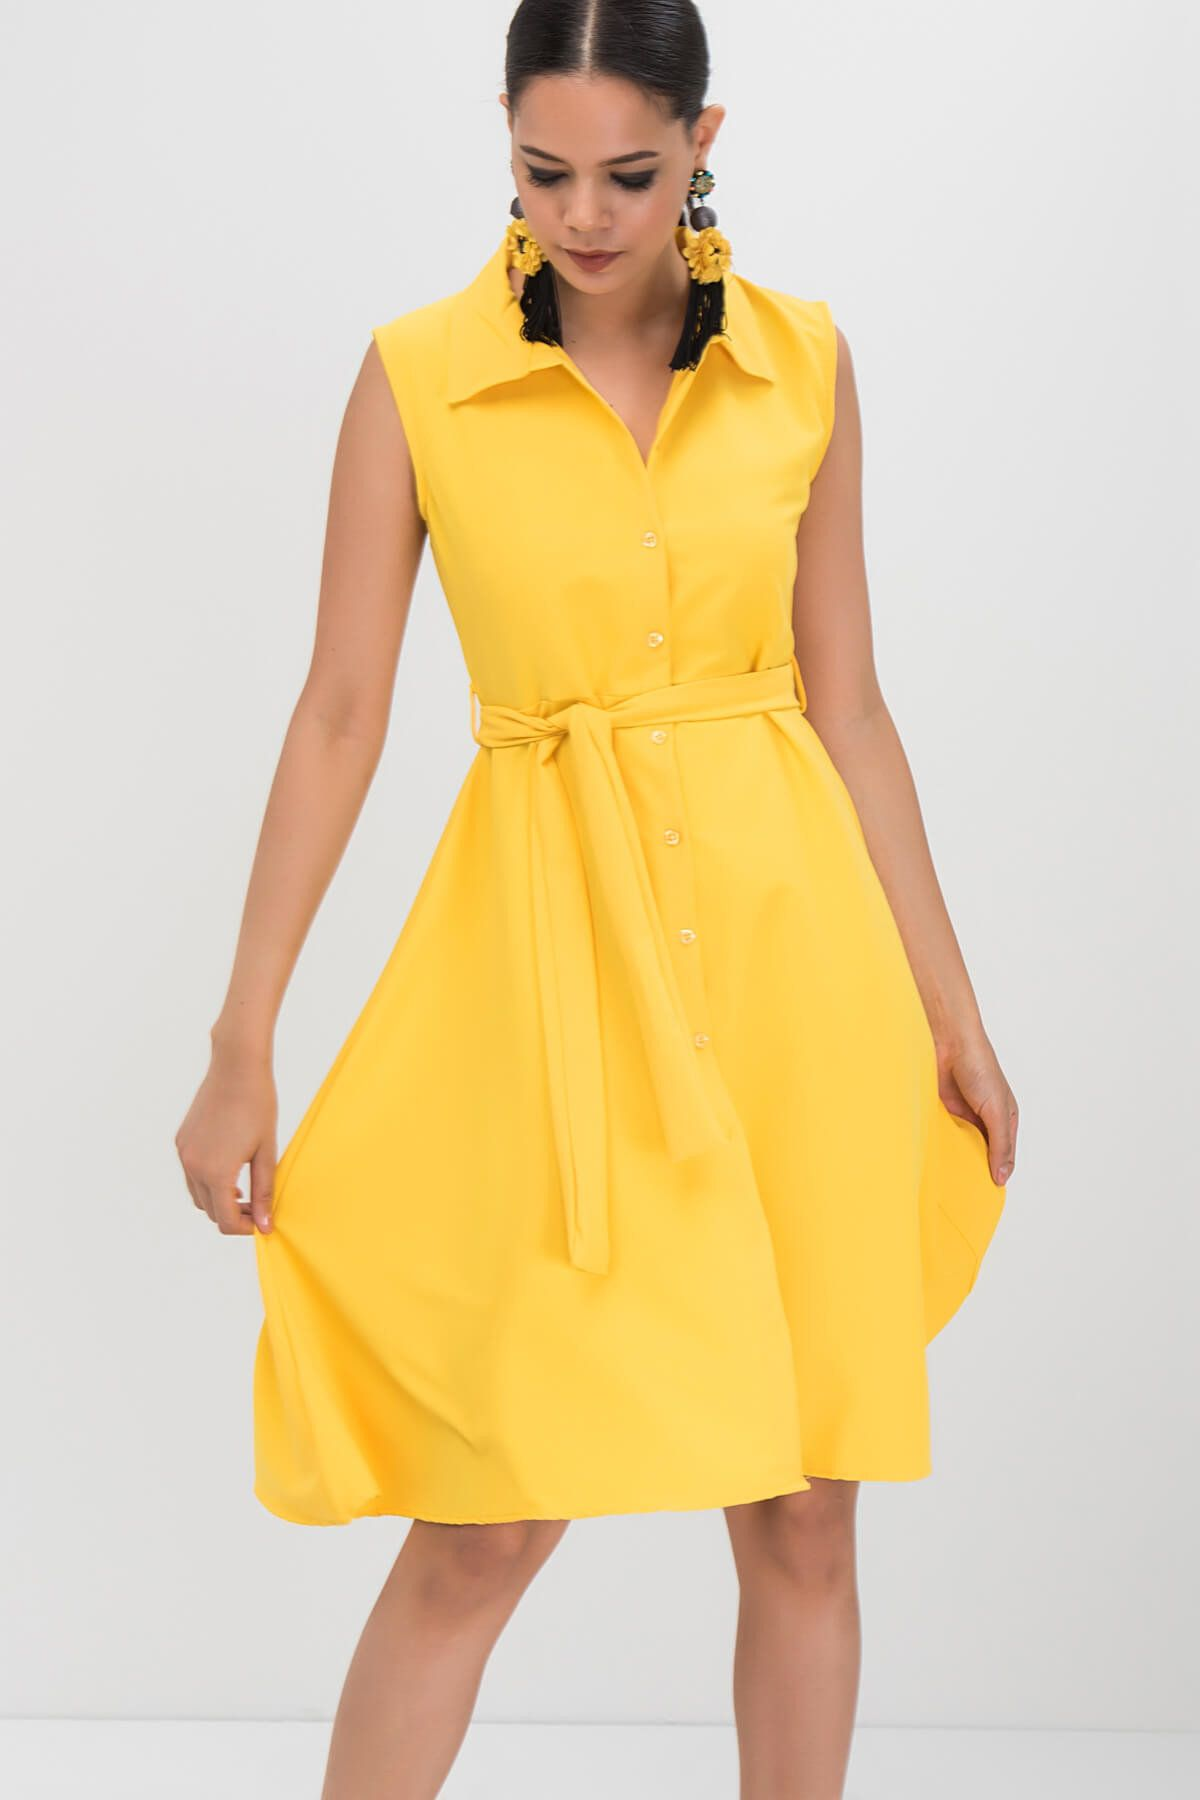 2020 Yazlik Sari Elbise Modelleri Kisa Kolsuz Yakali Onden Dugmeli Kumas Kemerli Elbise Modelleri Sari Elbise Elbise